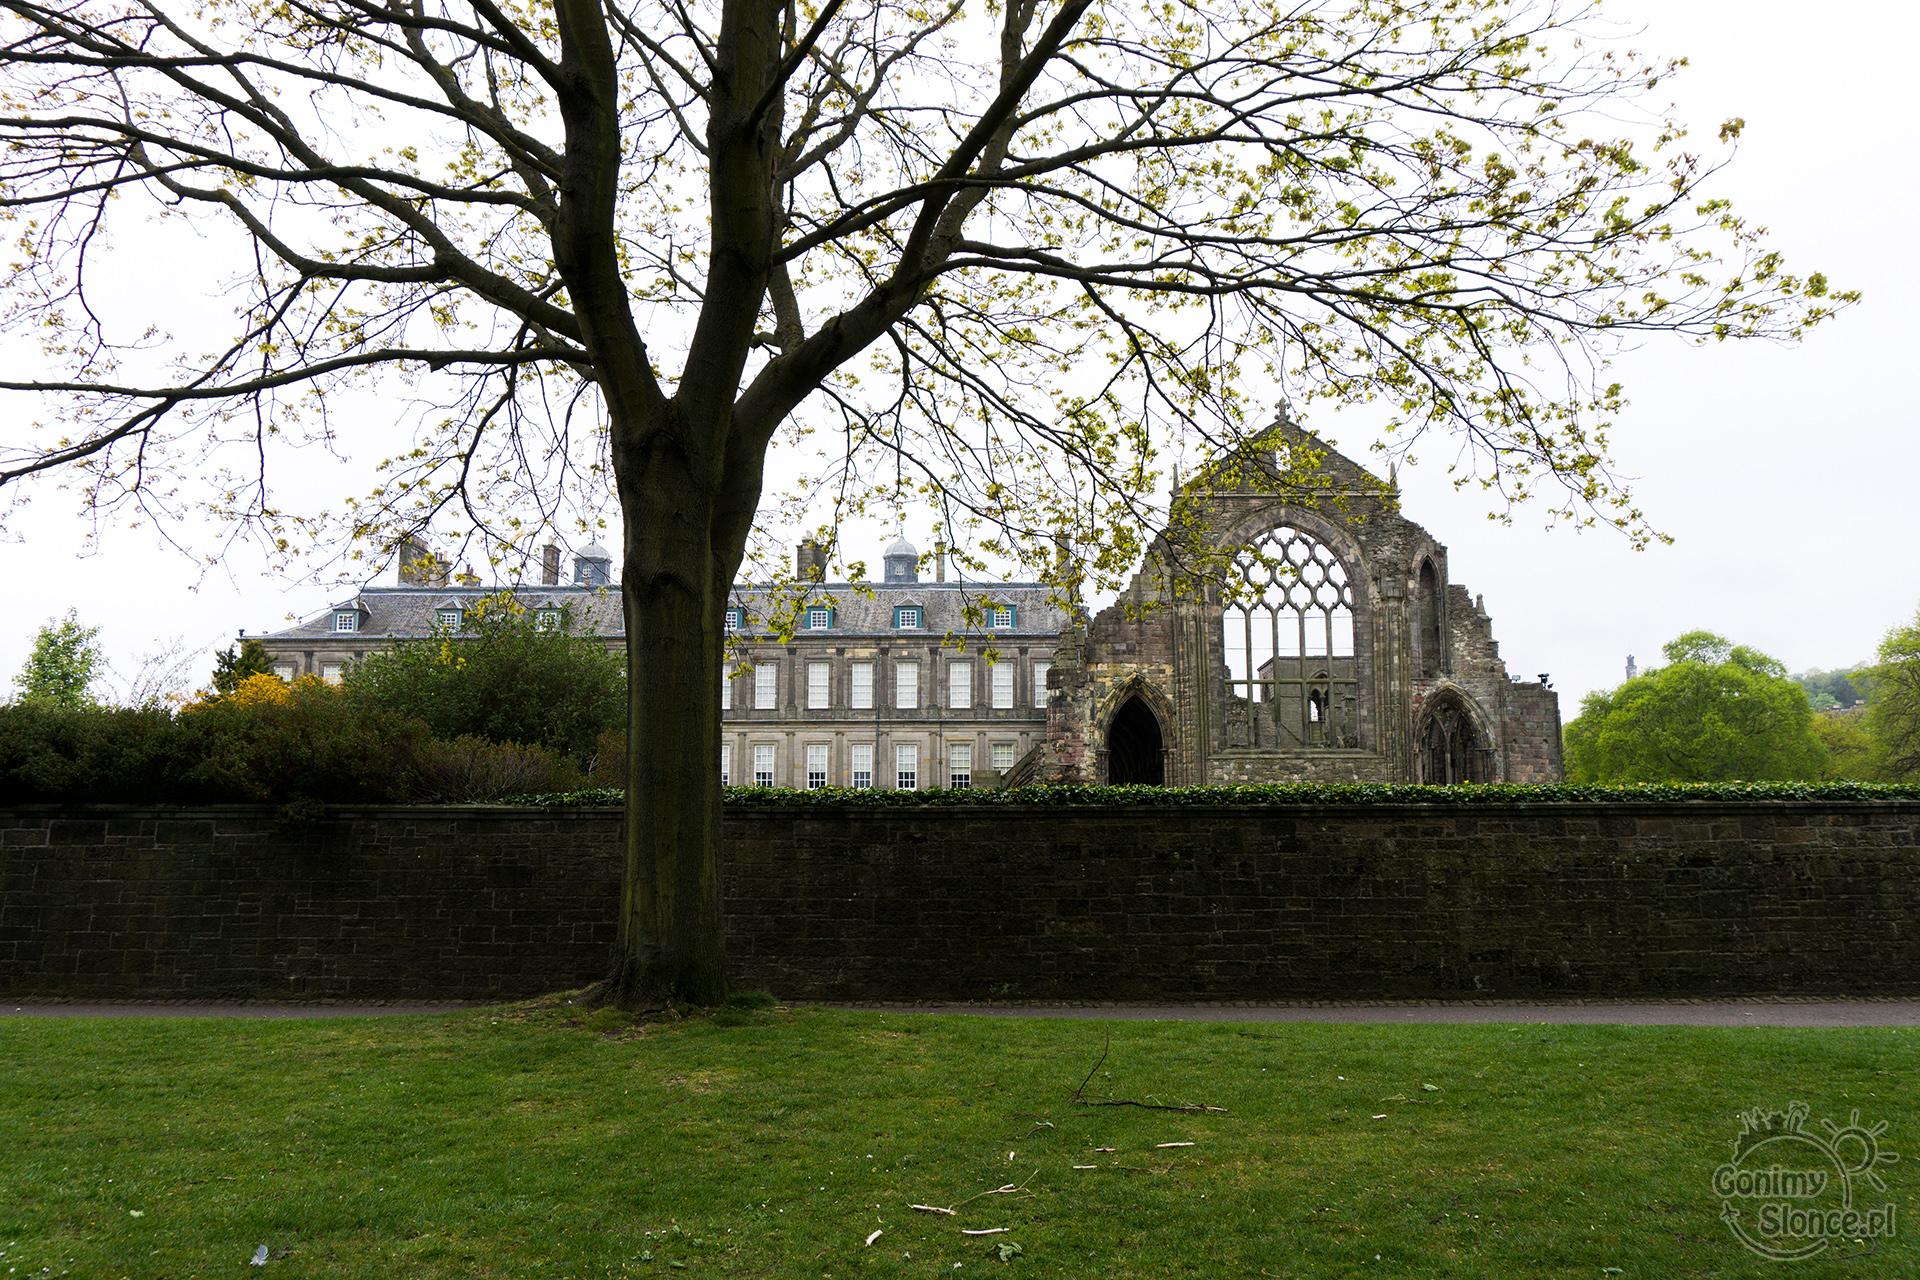 Holyrood Palace; Siedziba Monadchów Brytyjskich w Edynburgu